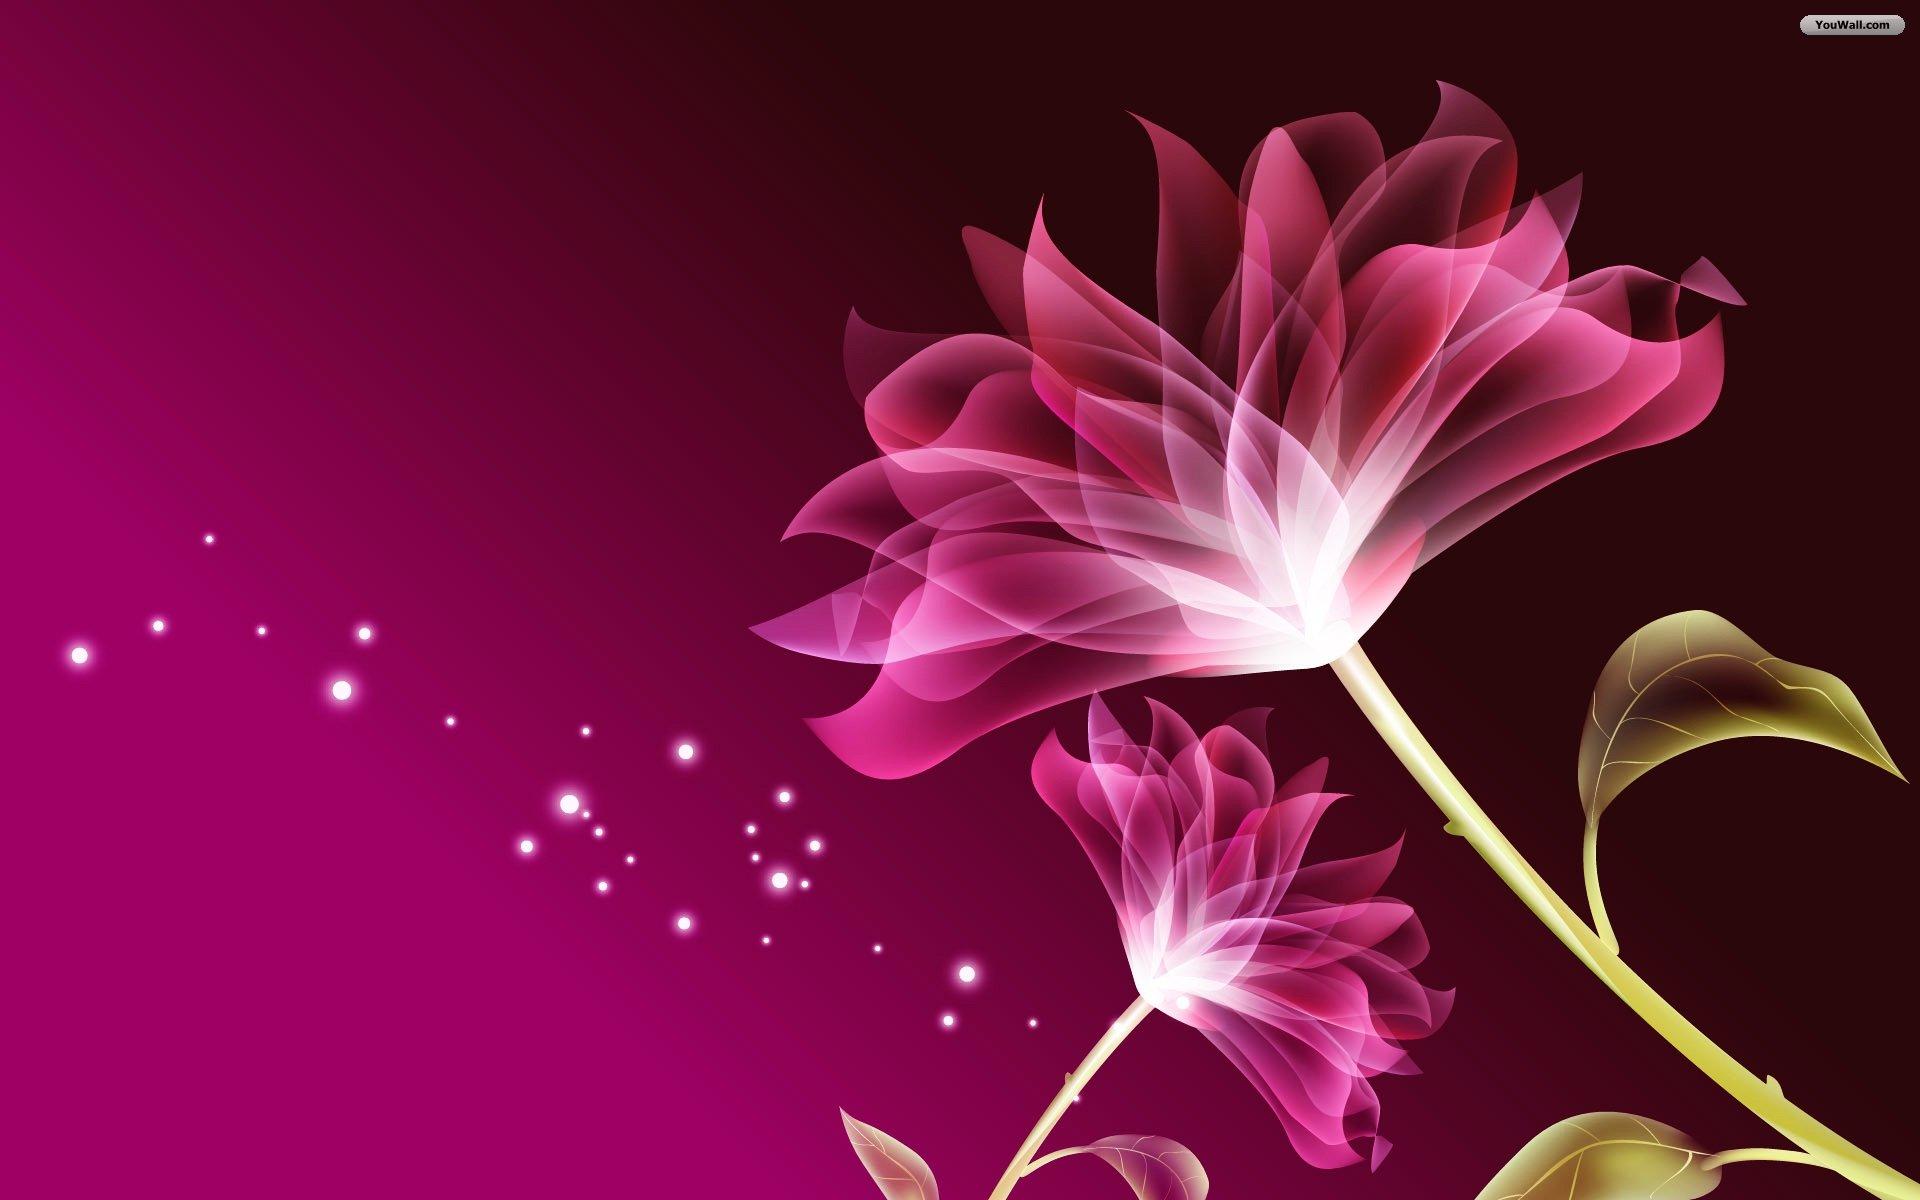 Free flowers wallpapers background flowers healthy purple flower wallpaper background widescreen wallpaper mightylinksfo